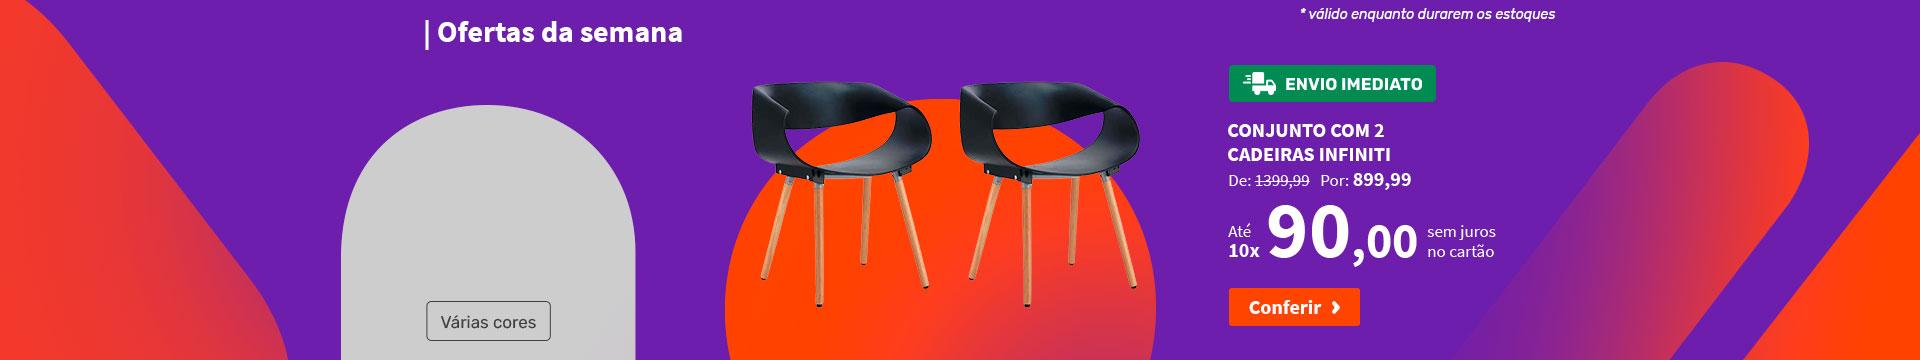 Conjunto com 2 Cadeiras Infiniti - Ofertas da semana